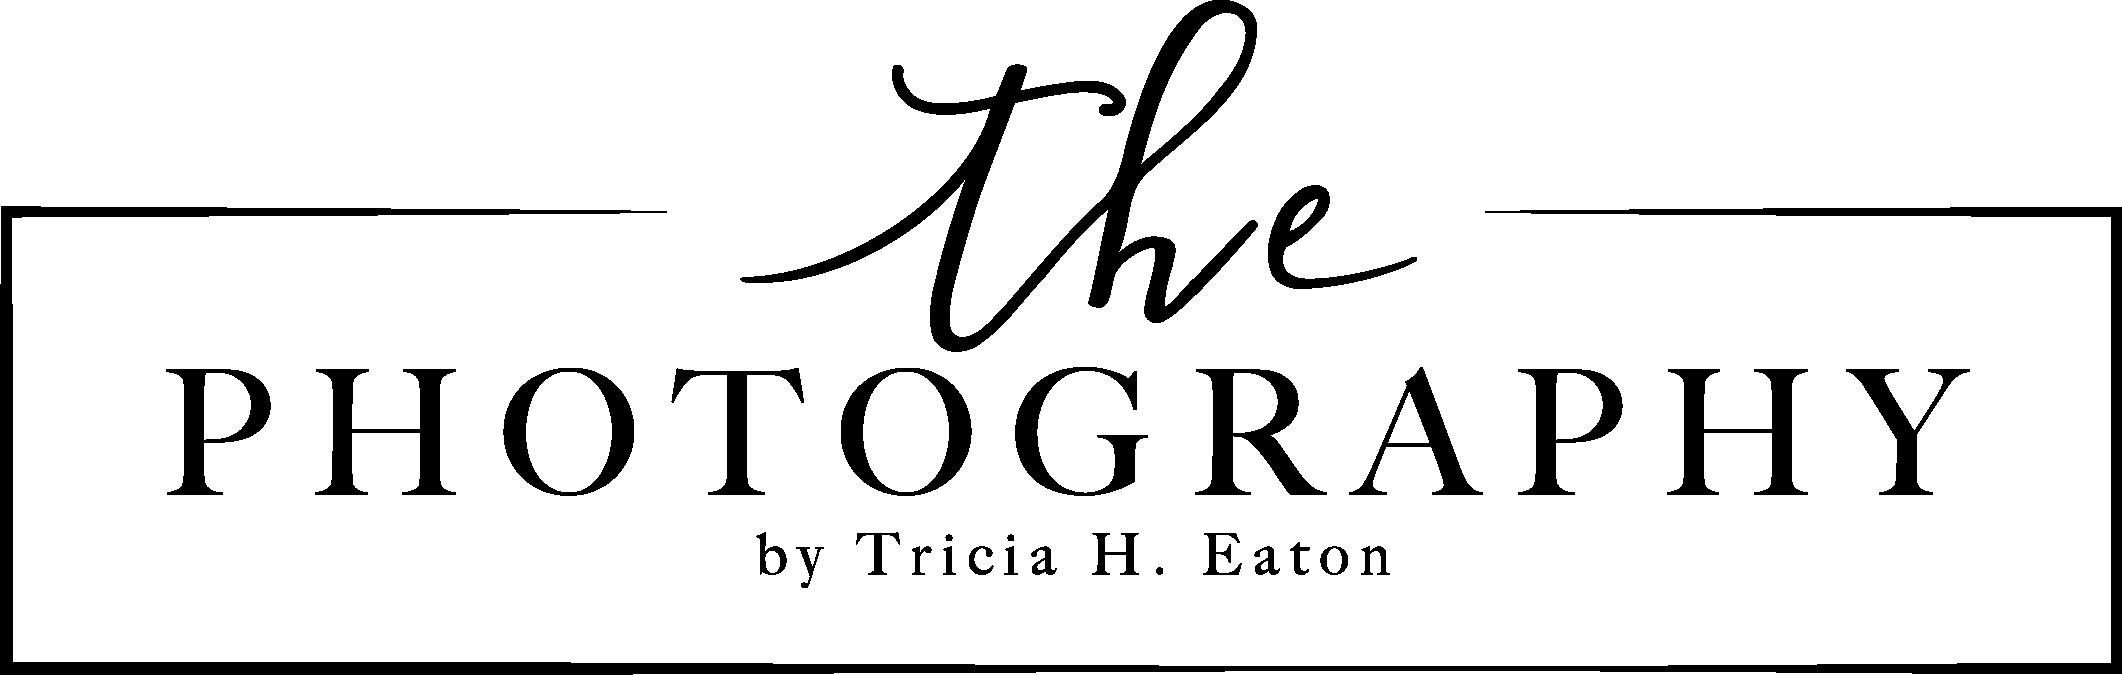 ThePhotography-LogoFinal- Katy-texas.png